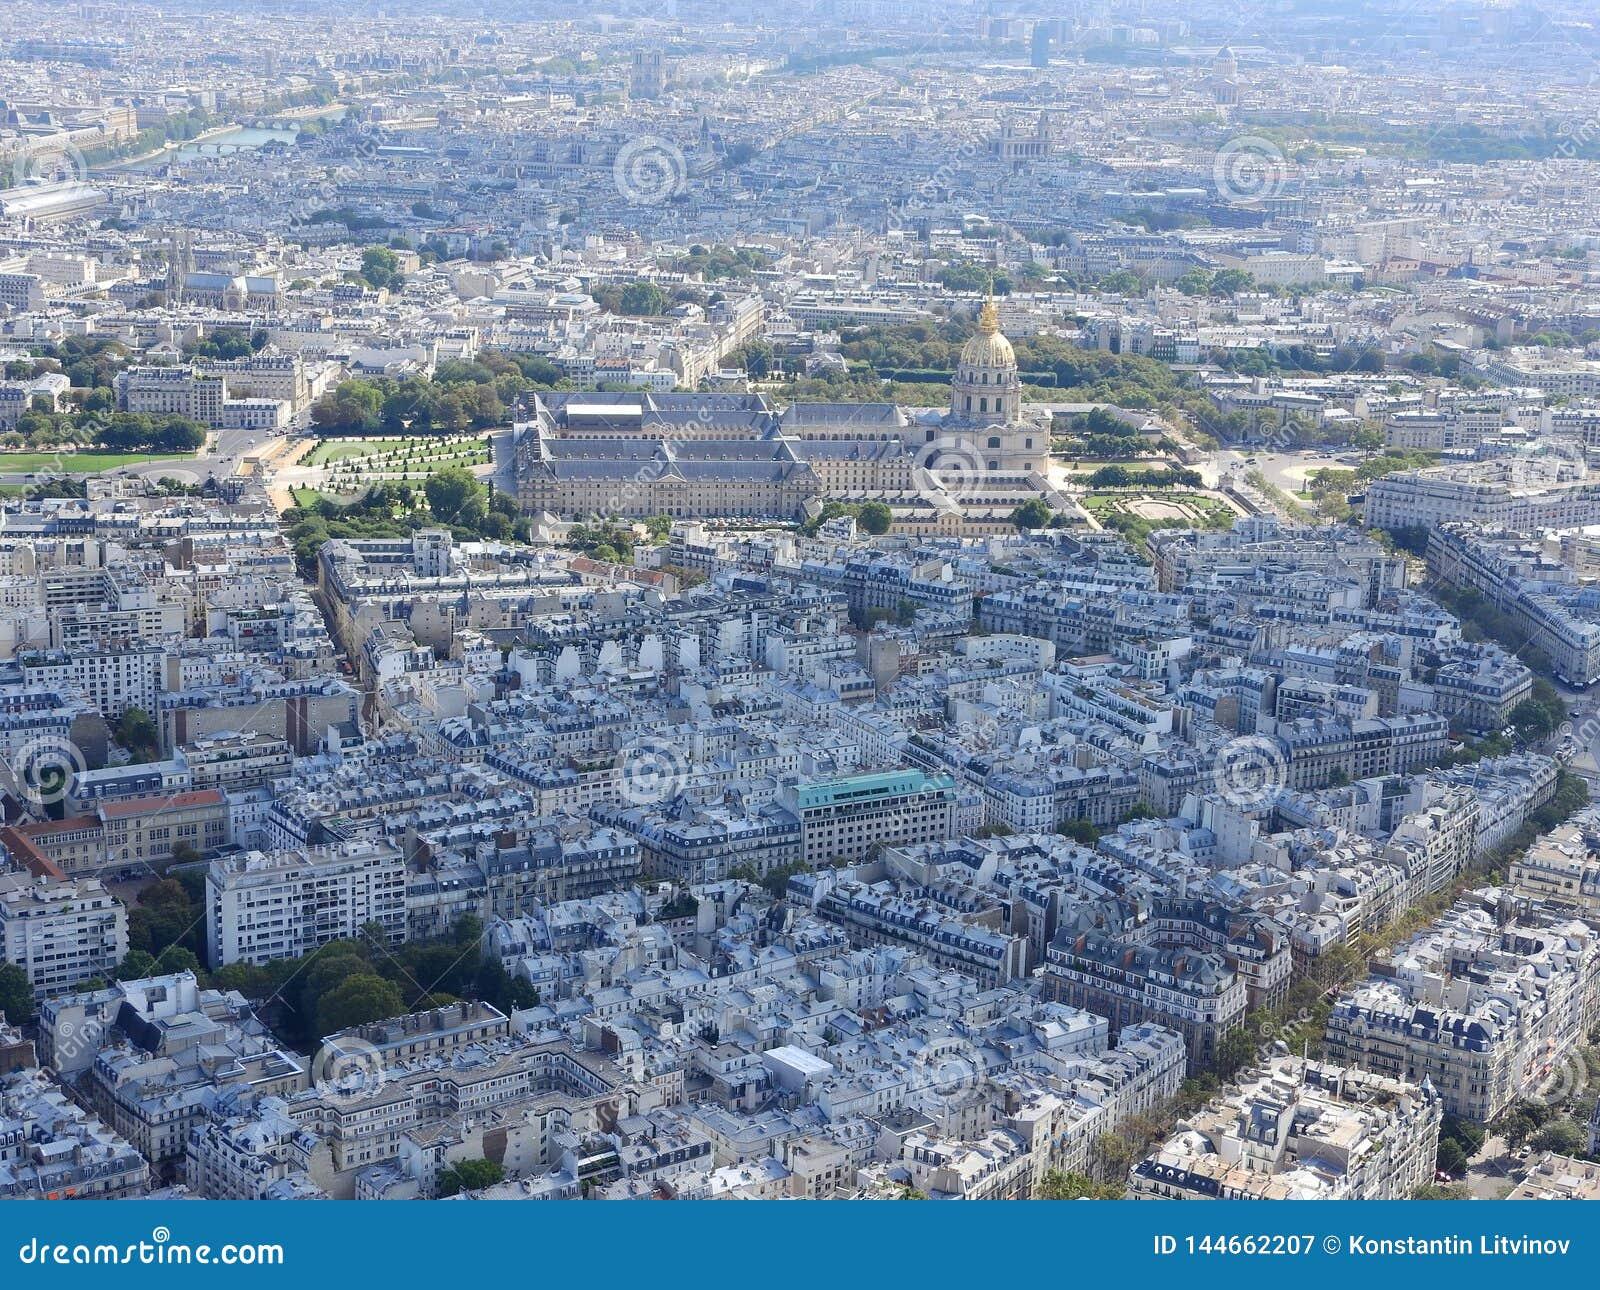 Εναέρια άποψη του Παρισιού από τον πύργο του Άιφελ που αγνοεί το σπίτι Invalides